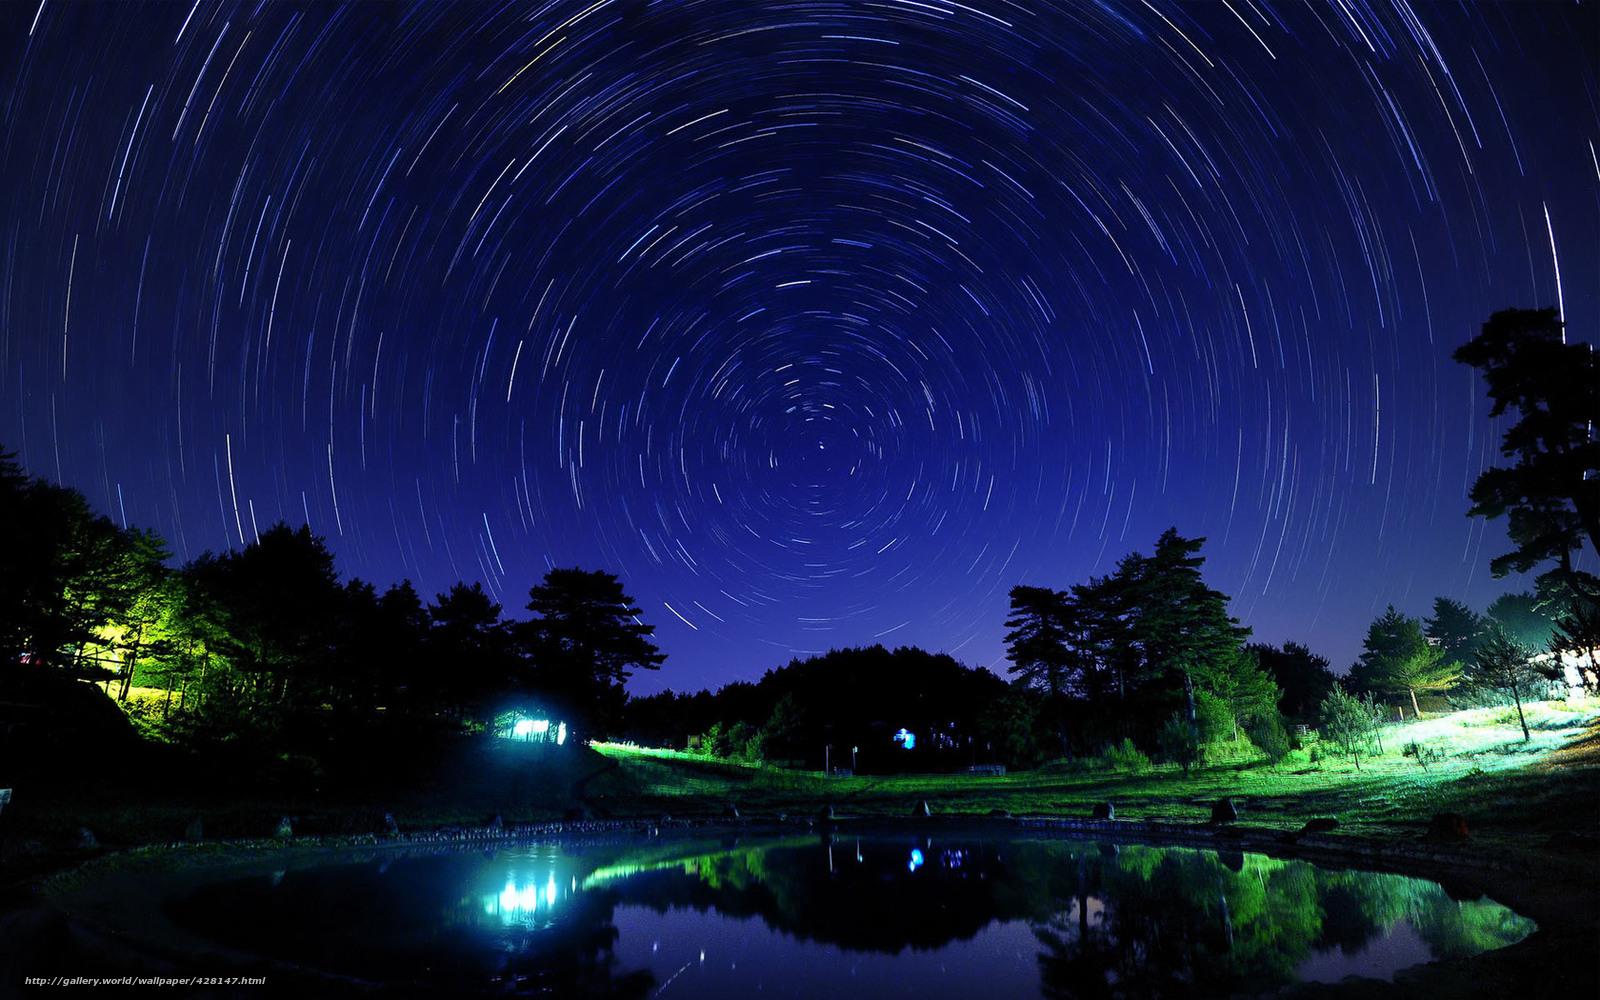 Scaricare Gli Sfondi Notte Cielo Stellato Casa Sondaggio Sfondi